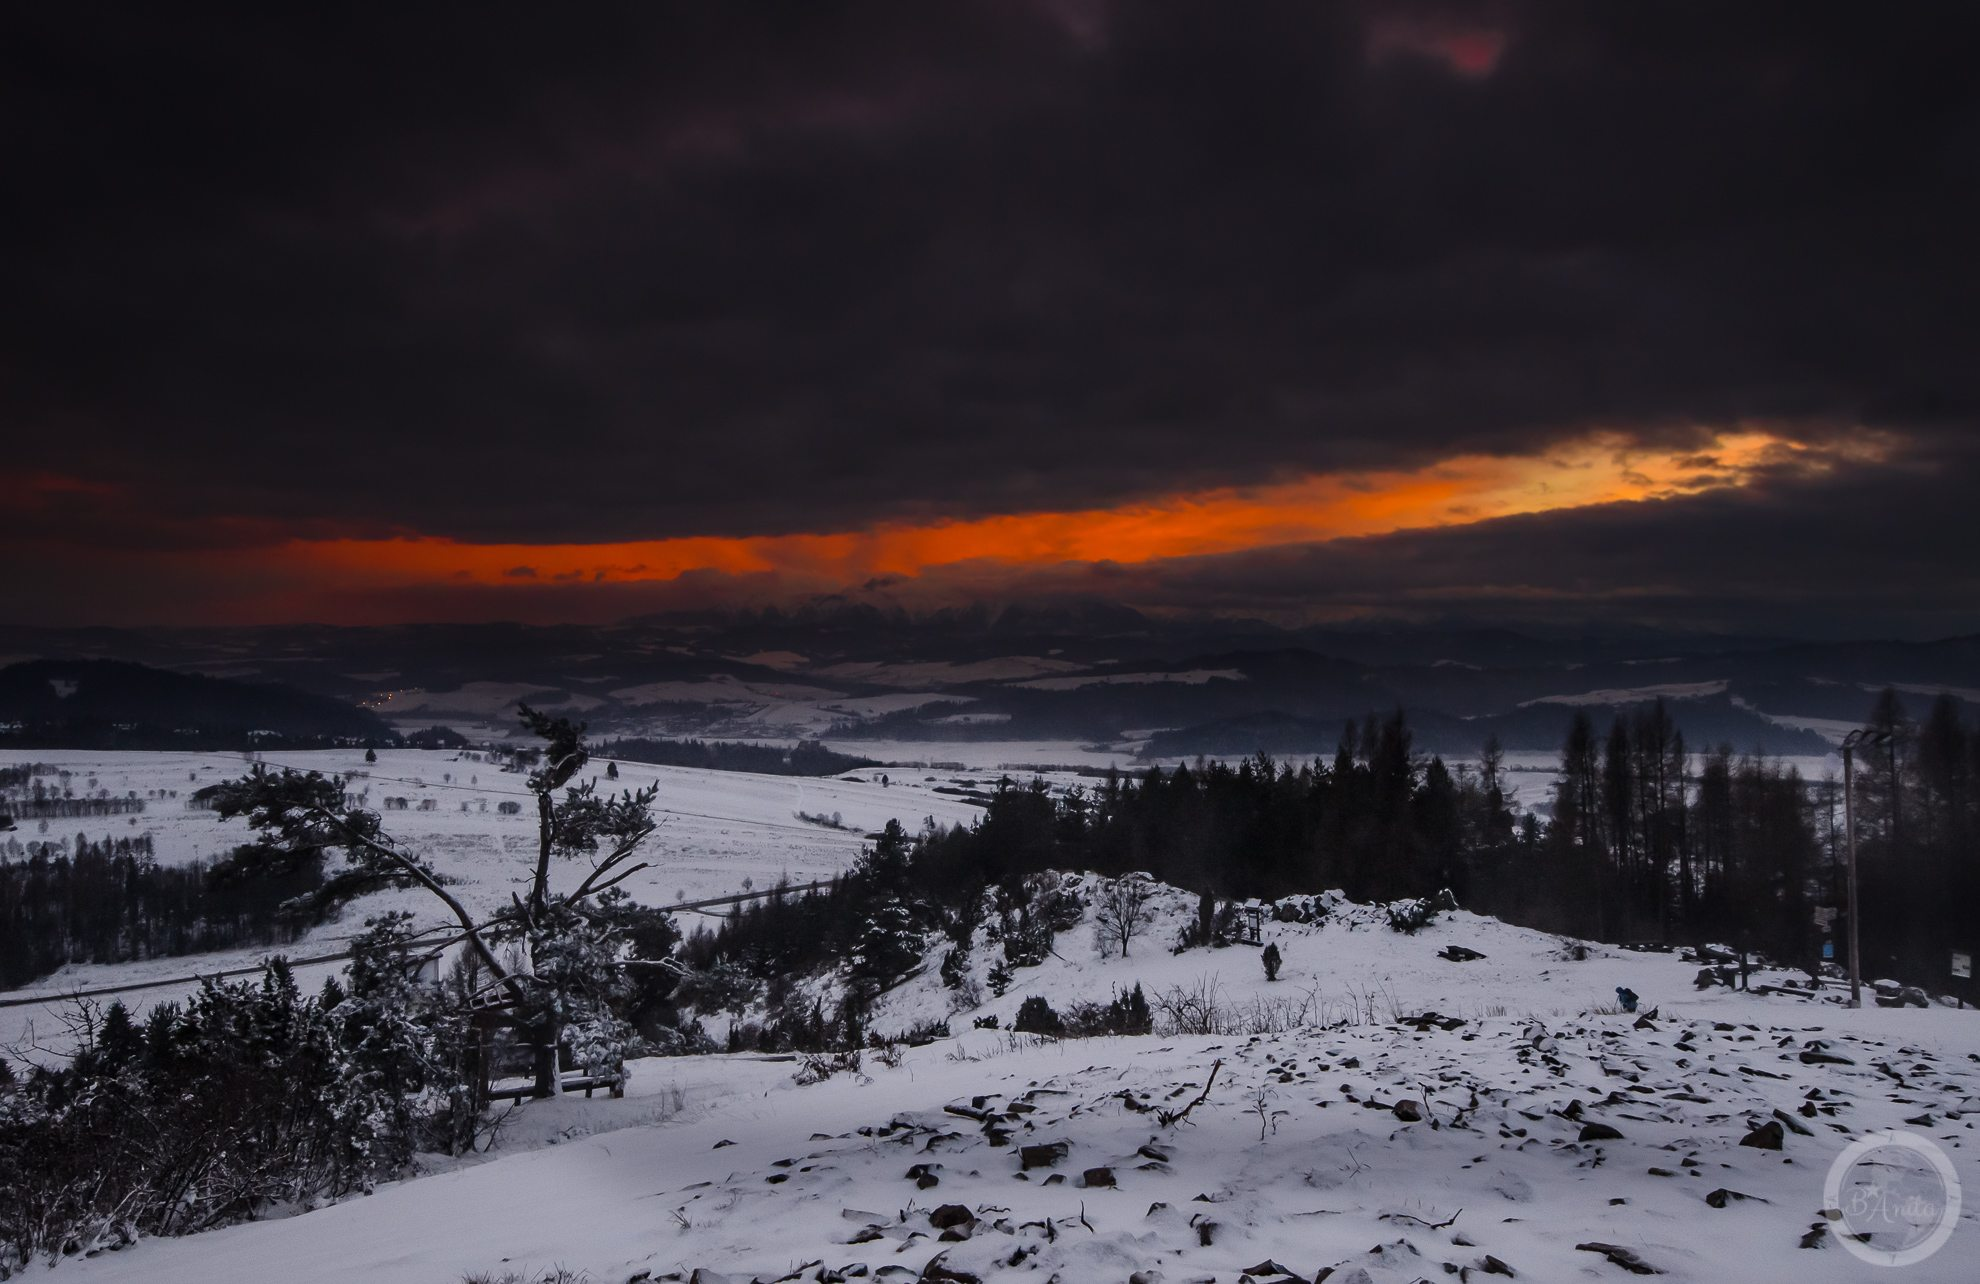 Zachód słońca widziany zGóry Wdżar (766, 767 m), szczytu wpaśmie łączącym Lubań zPieninami, pomiędzy przełęczami Drzyślawa iSnozka. Widoczna szczelina wchmurach, przez którą wdzira się ogień zachodzącego słońca.